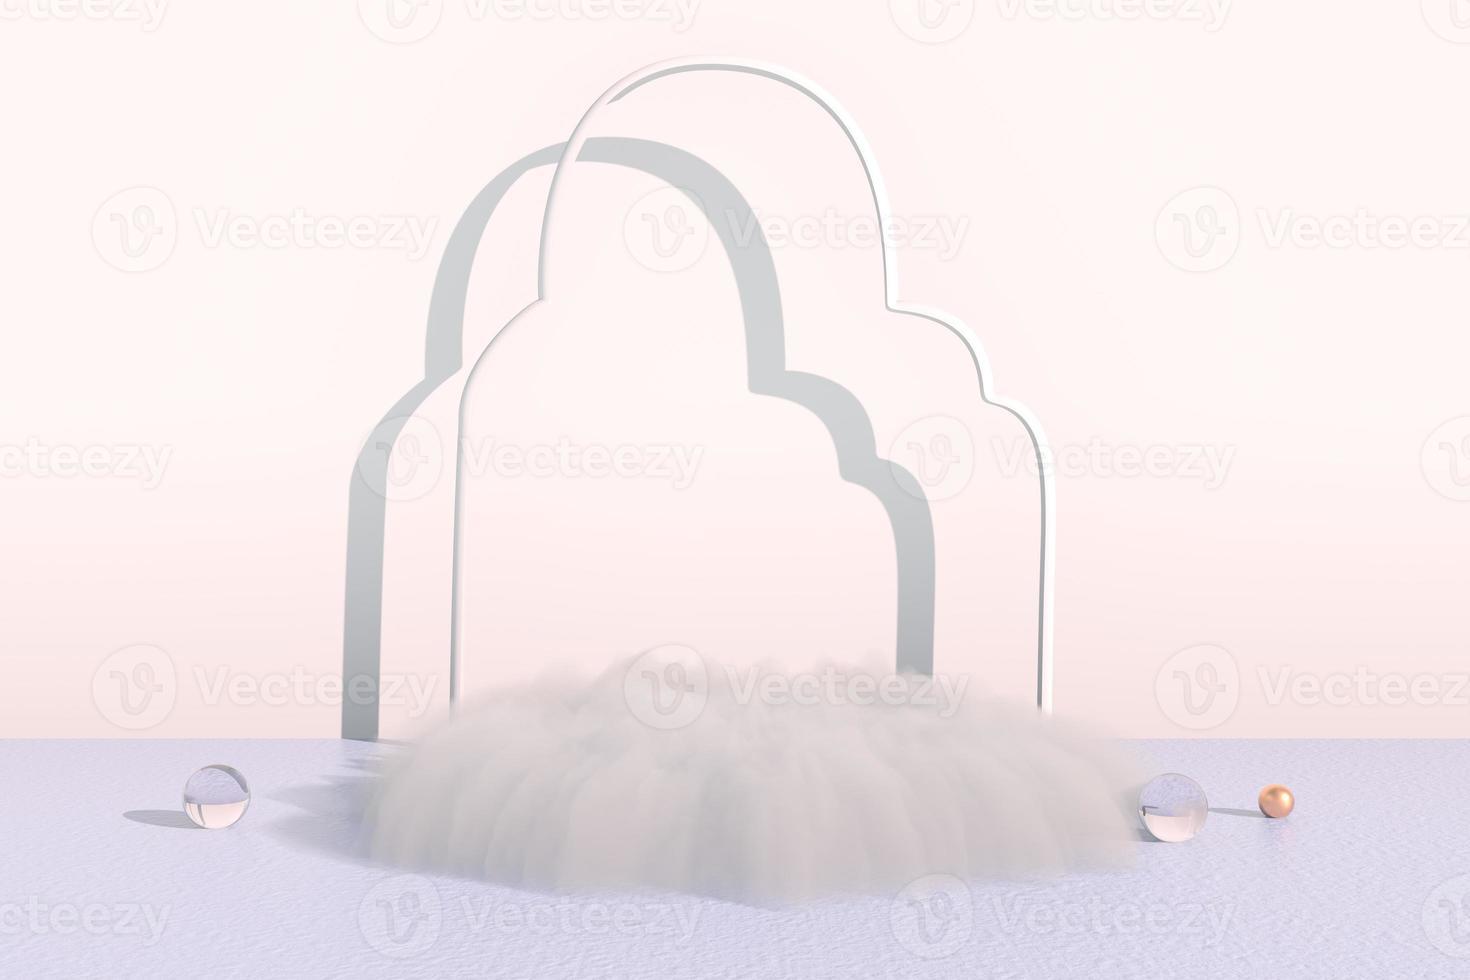 rendu 3d d'arrière-plan avec podium et scène de nuage minimale, arrière-plan minimal d'affichage du produit. photo